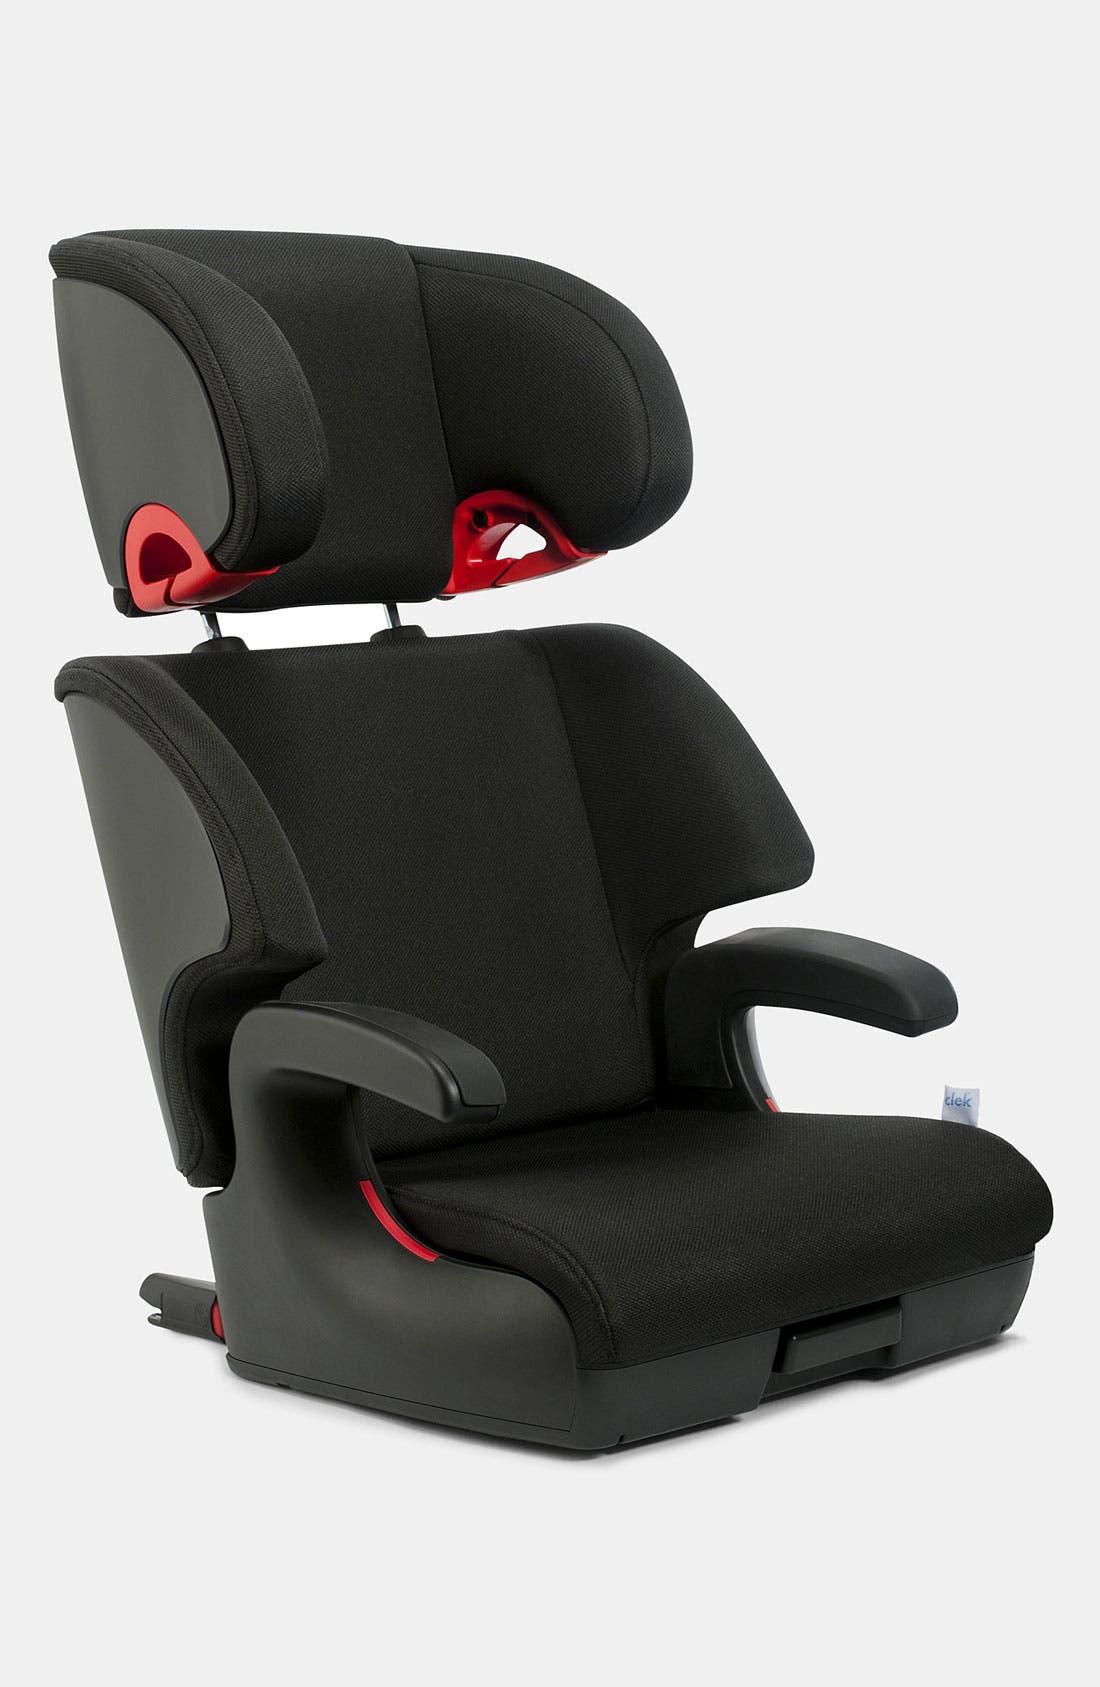 Clek™ 'Oobr™ Drift' Booster Seat